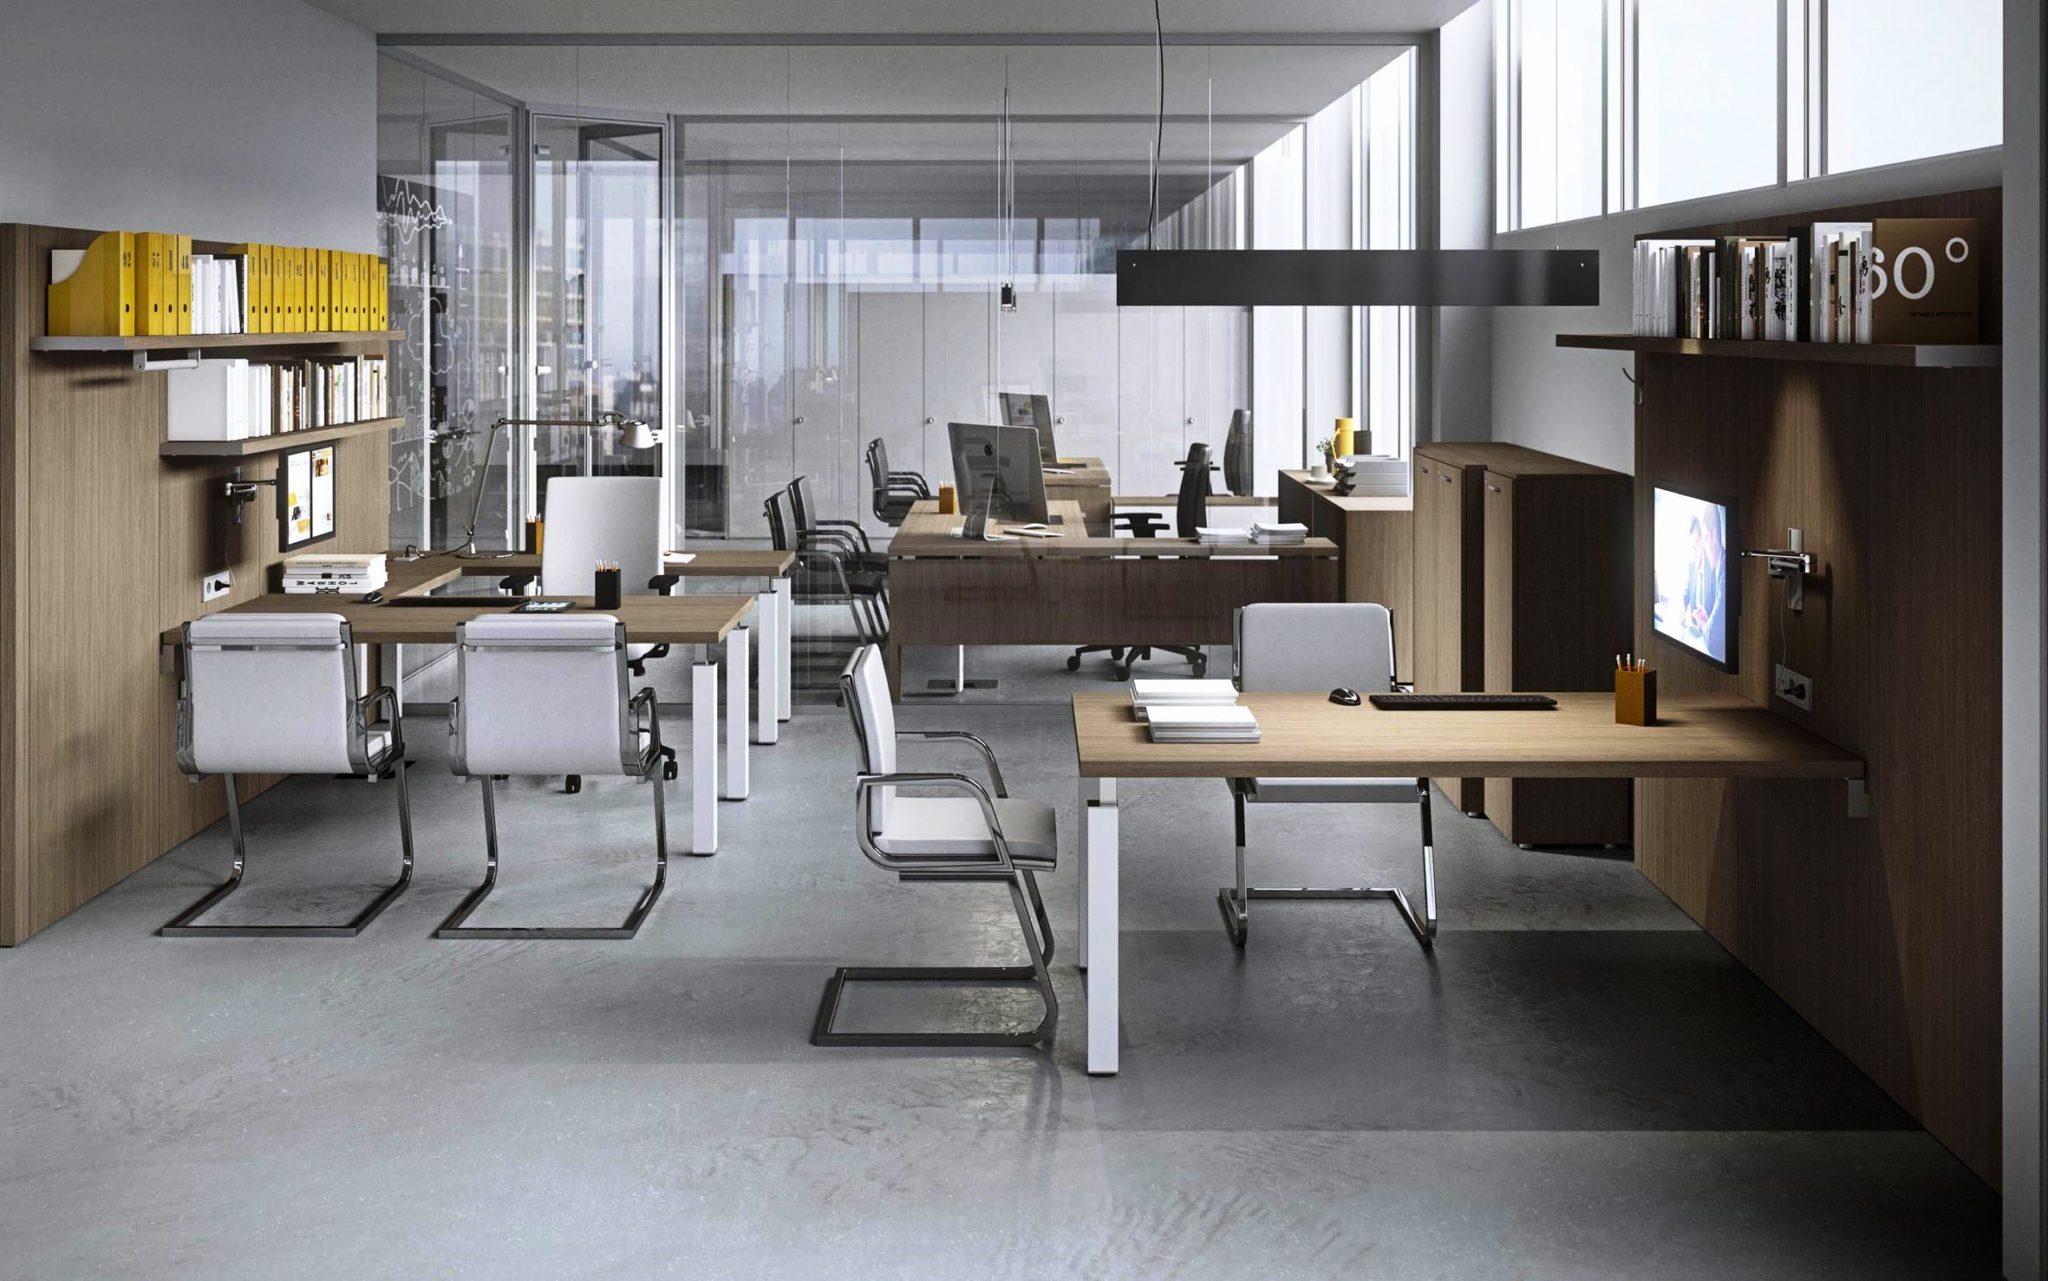 Ufficio Elegante Uk : Newform ufficio: kamos plus eleganza essenziale negli ambienti di